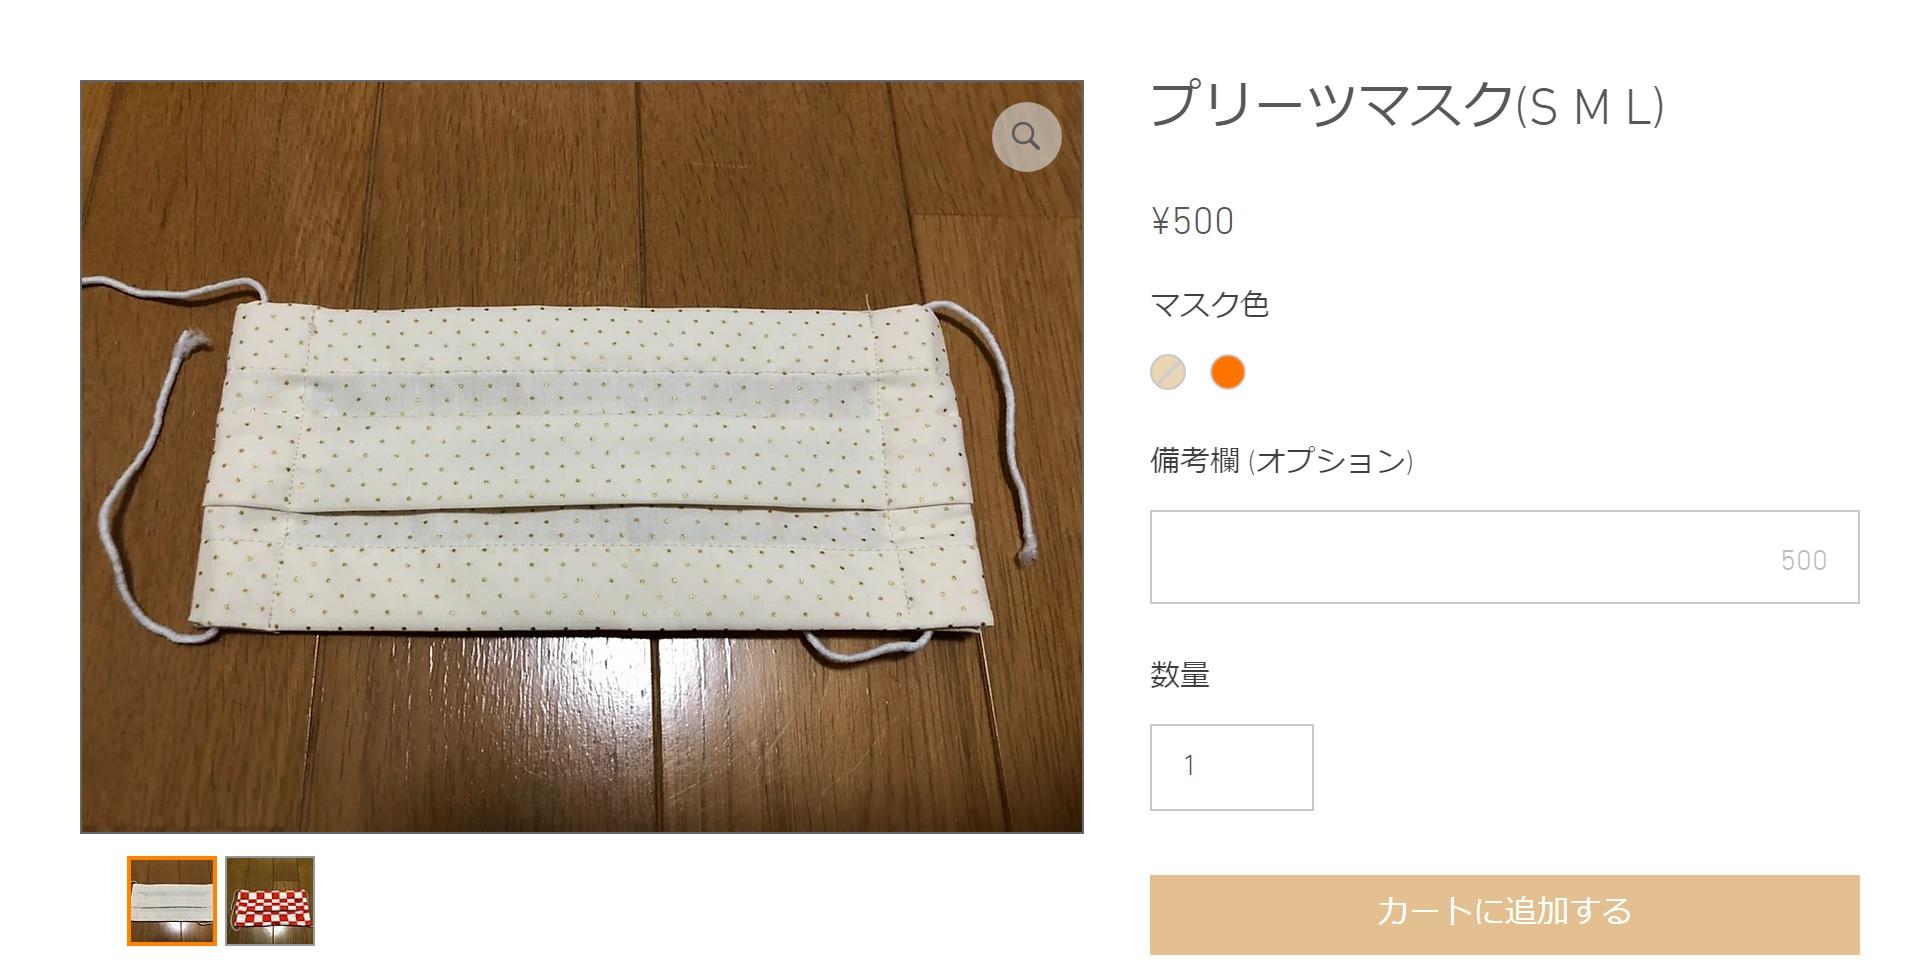 マスク500円